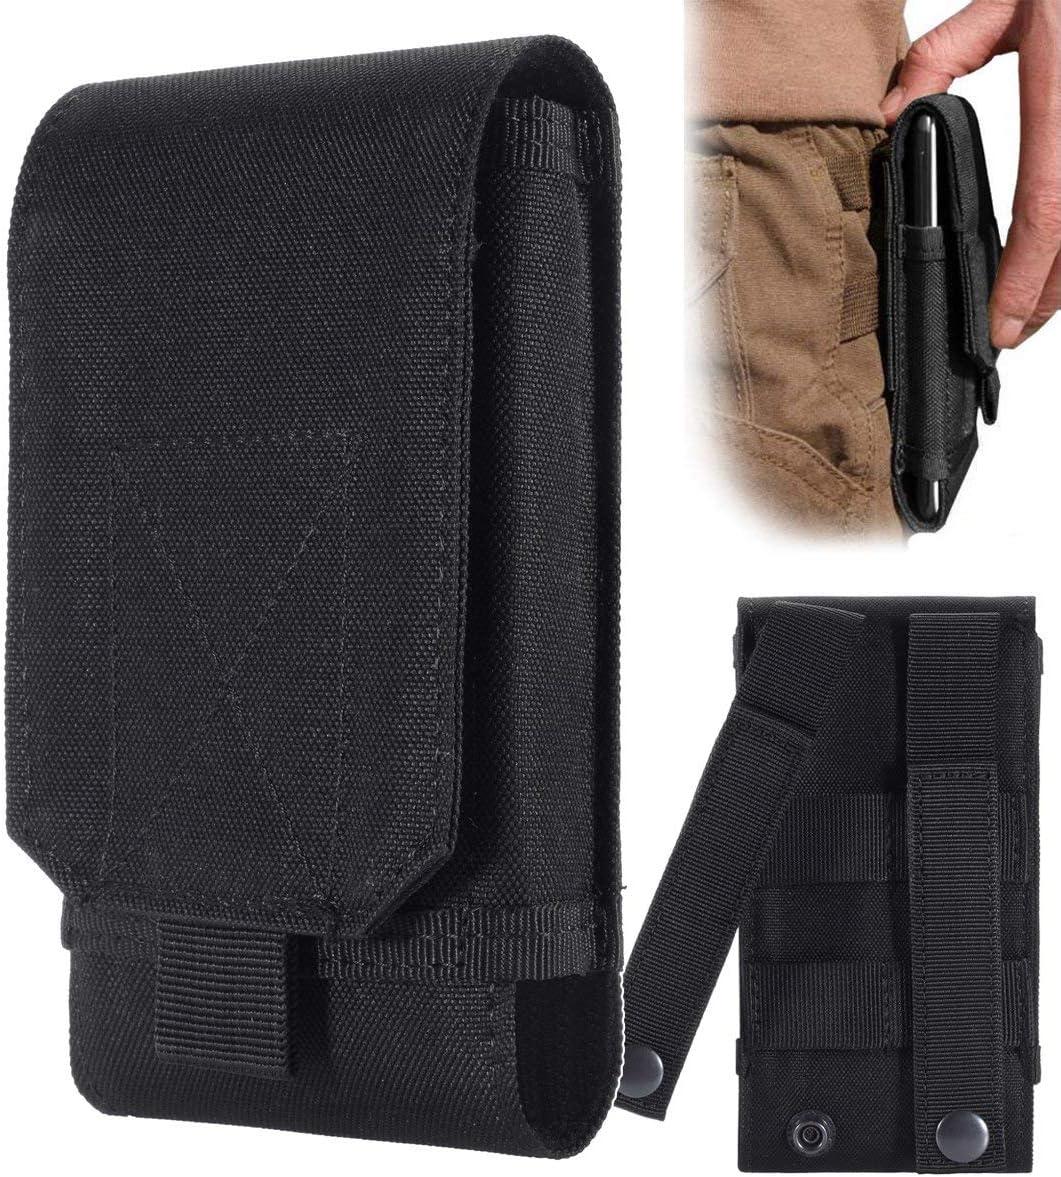 Funda de Urvoix para enganchar al cinturón y llevar el teléfono móvil, diseño militar de camuflaje, color negro, tamaño L